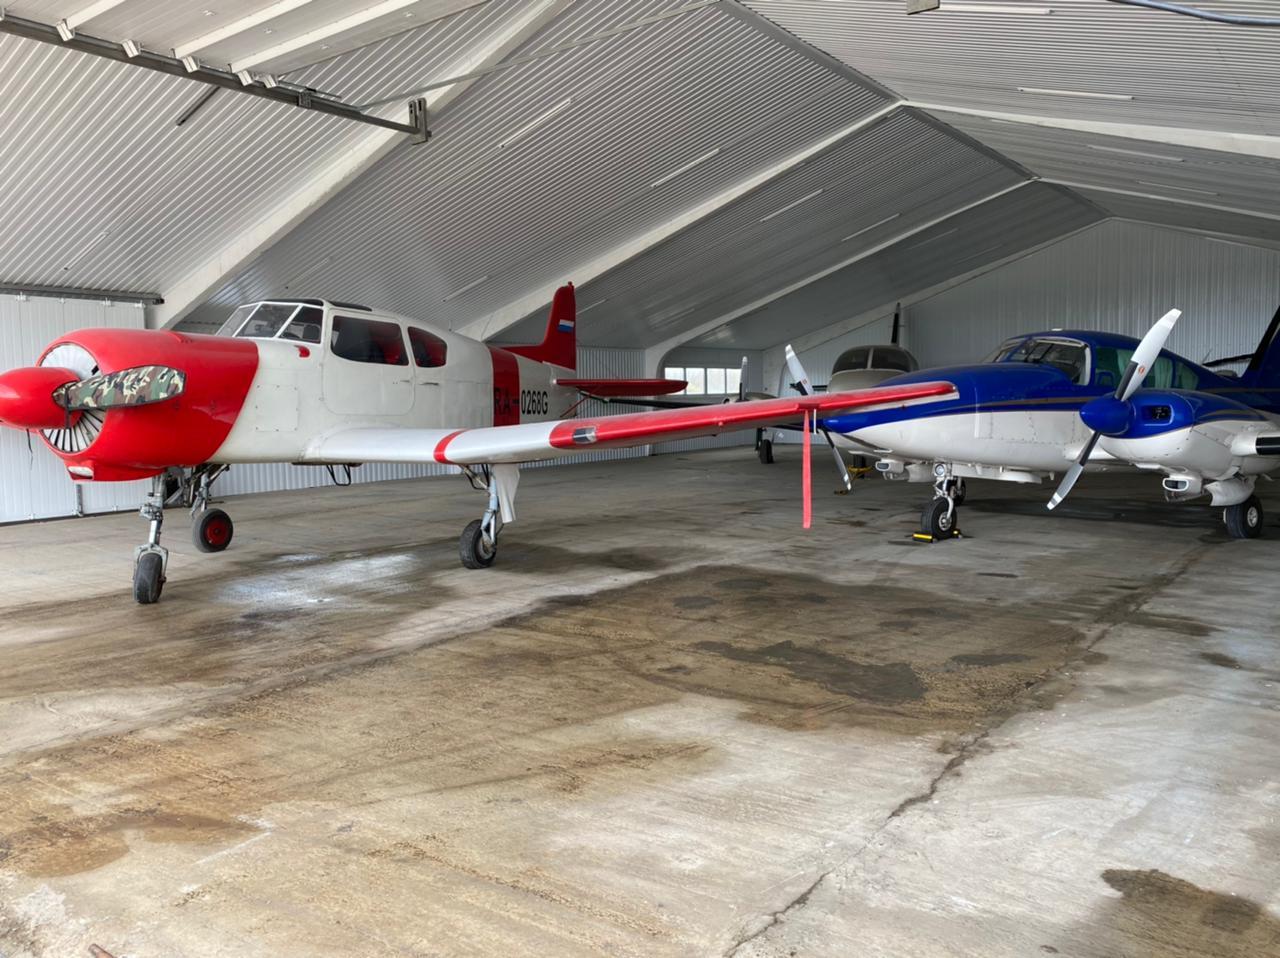 B506CF73-9ED1-40E7-A1BE-FEE64F068DC1.jpeg